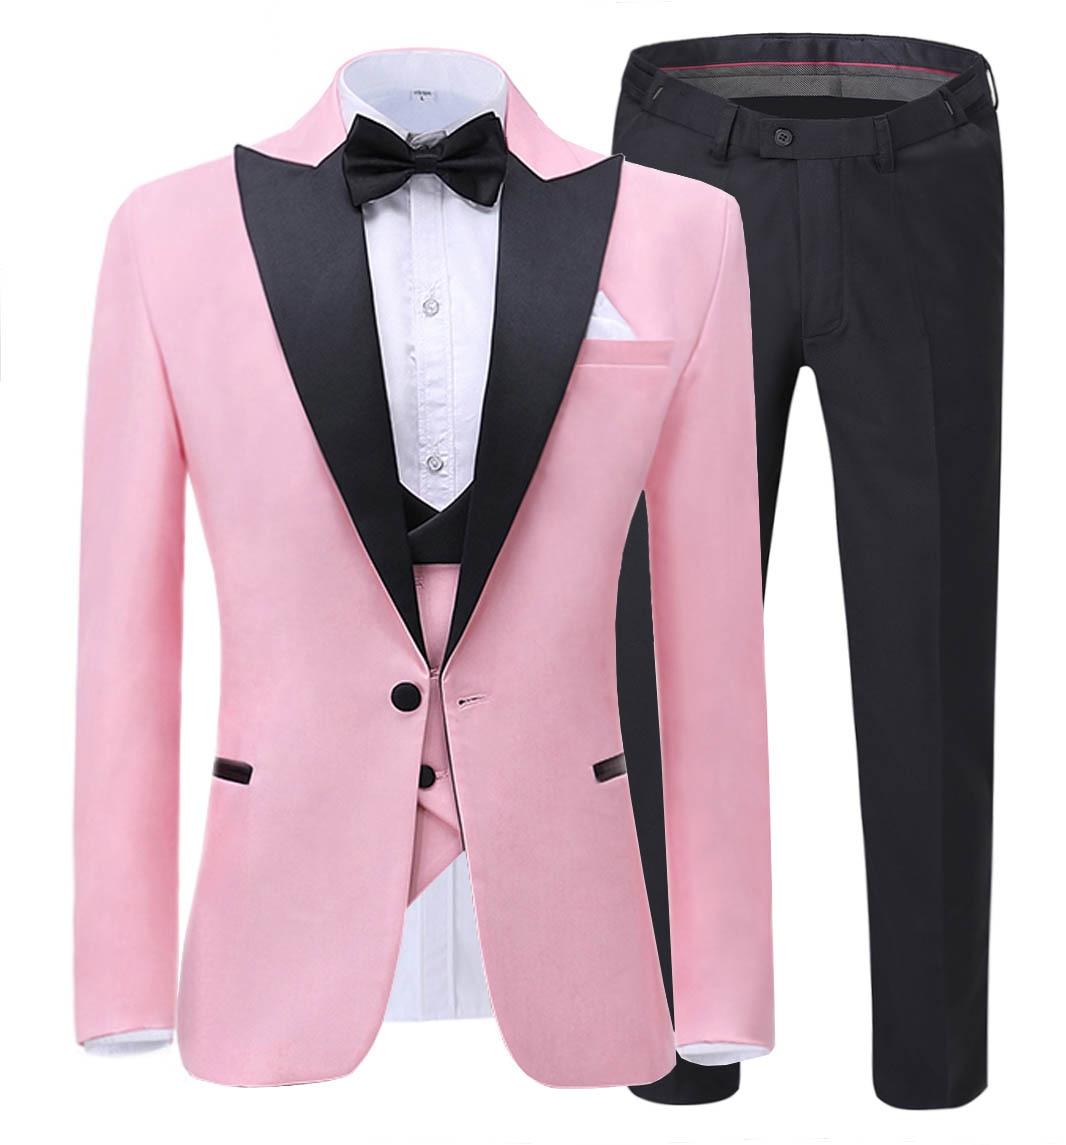 2020 New Fashion Men's Suit 3-Pieces Slim Fit Shawl Lapel Tuxedos Groomsmen For Wedding,party (Blazer+vest+Pants)